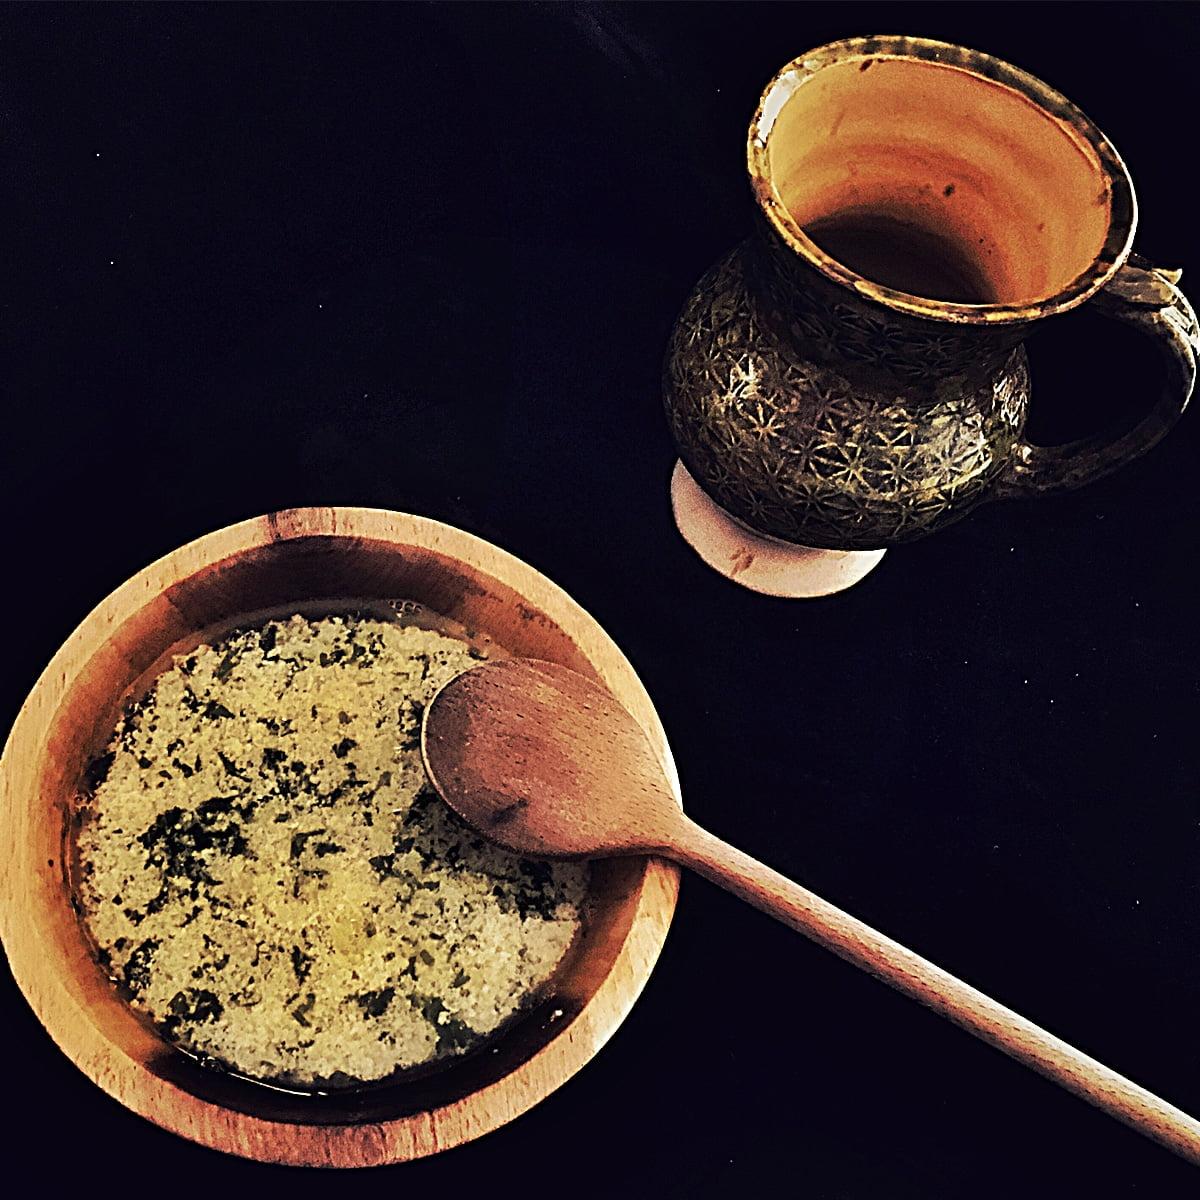 Soupe improvisée – Souppe despourveue